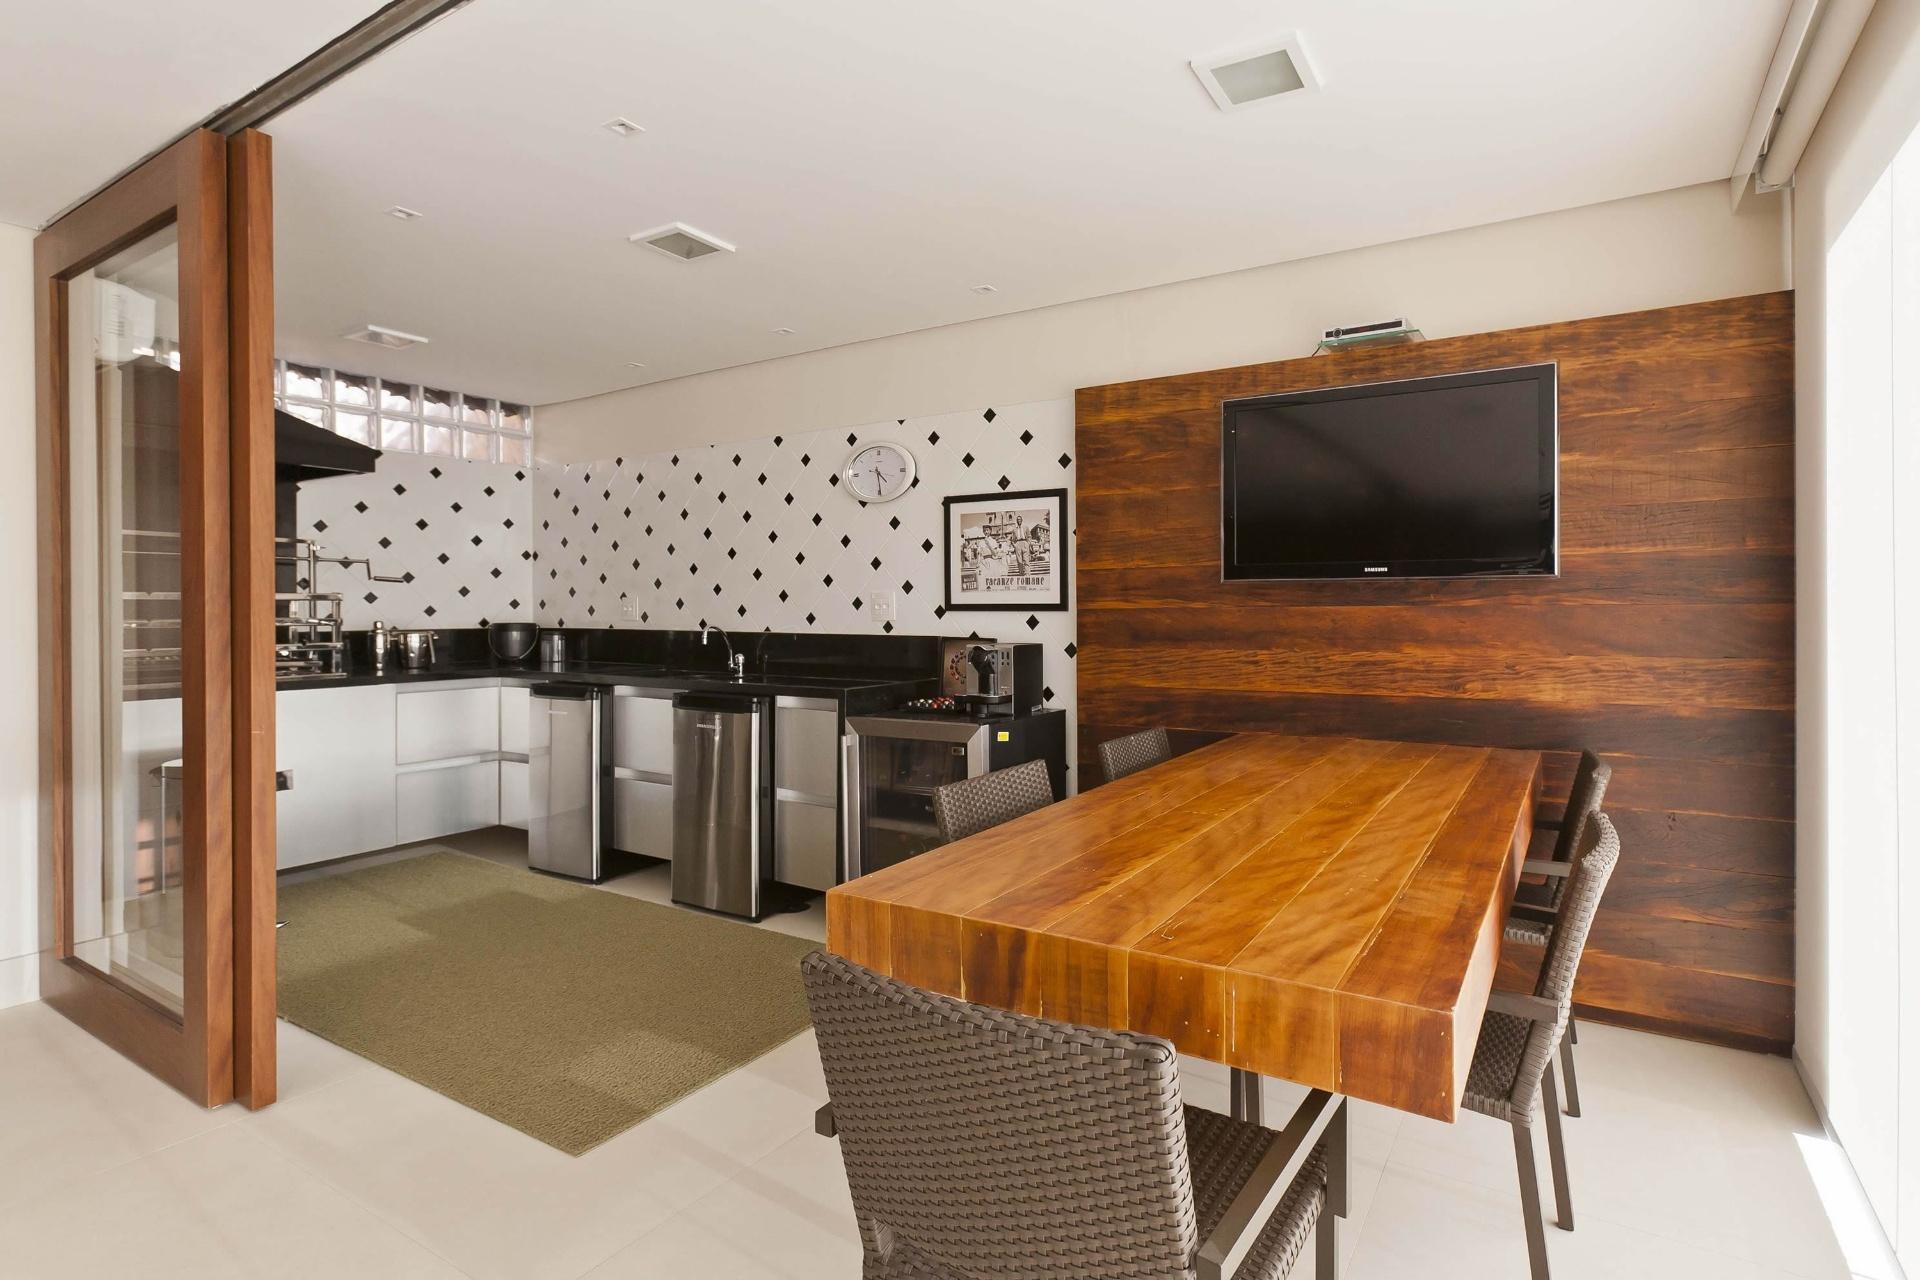 cozinha gourmet (6 m x 2 5 m) acopla se à varanda pelas portas de  #AD5313 1920 1280